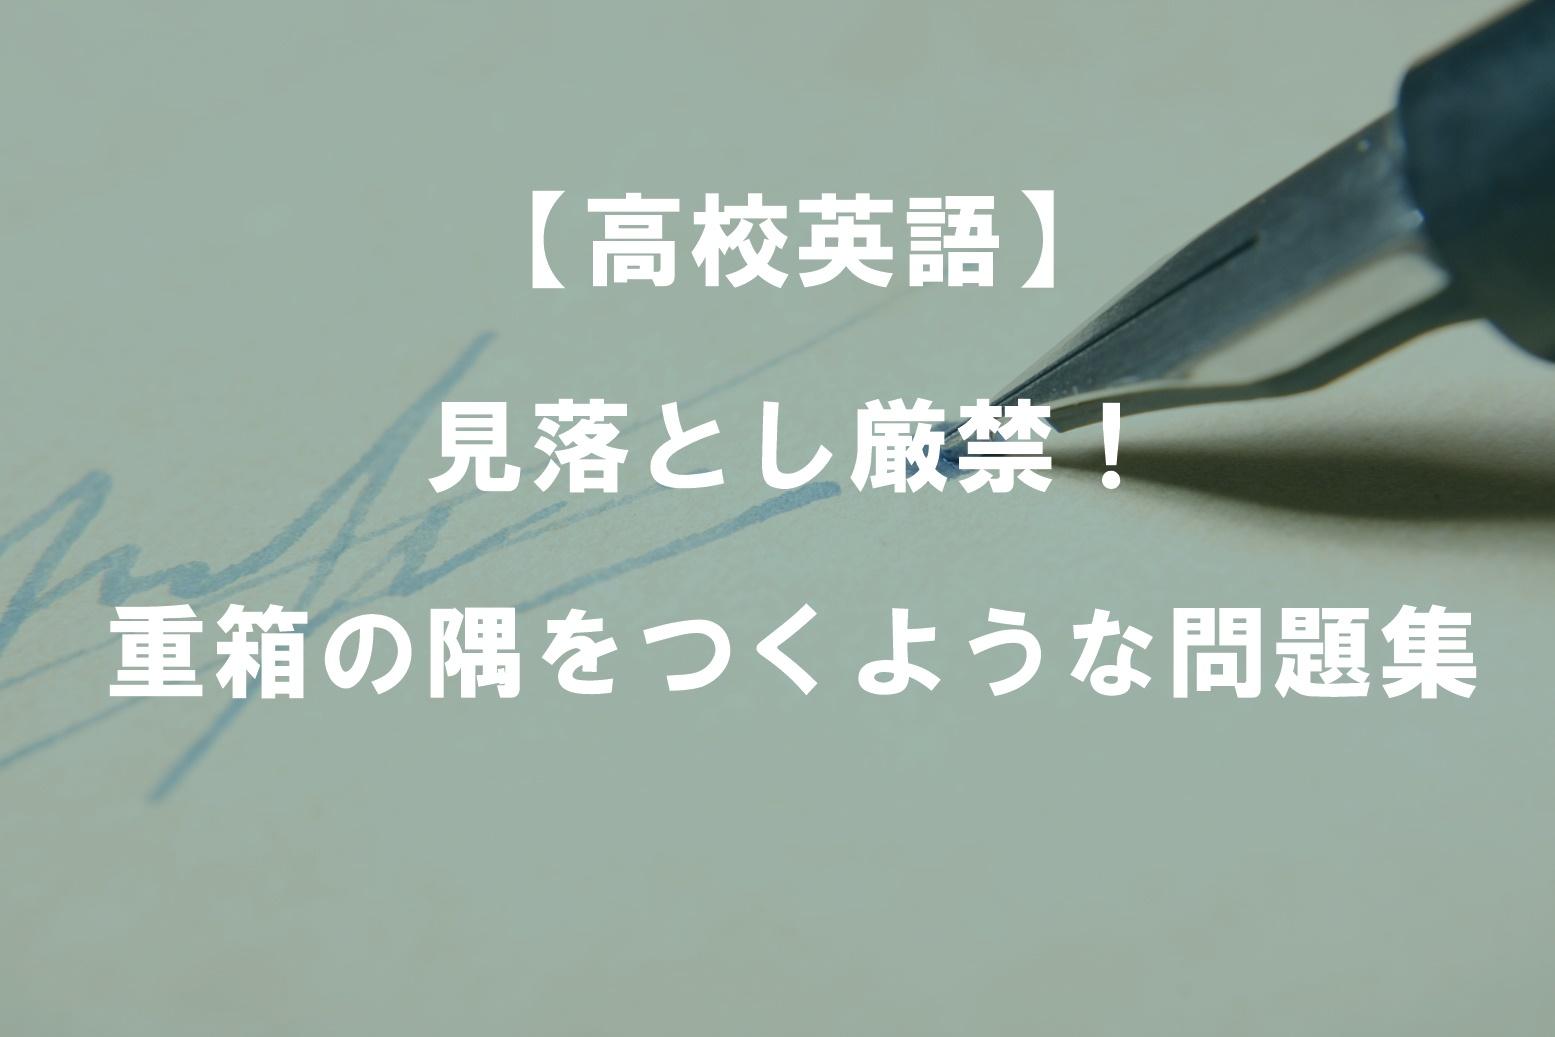 【高校英語】見落とし厳禁!重箱の隅をつくような問題集